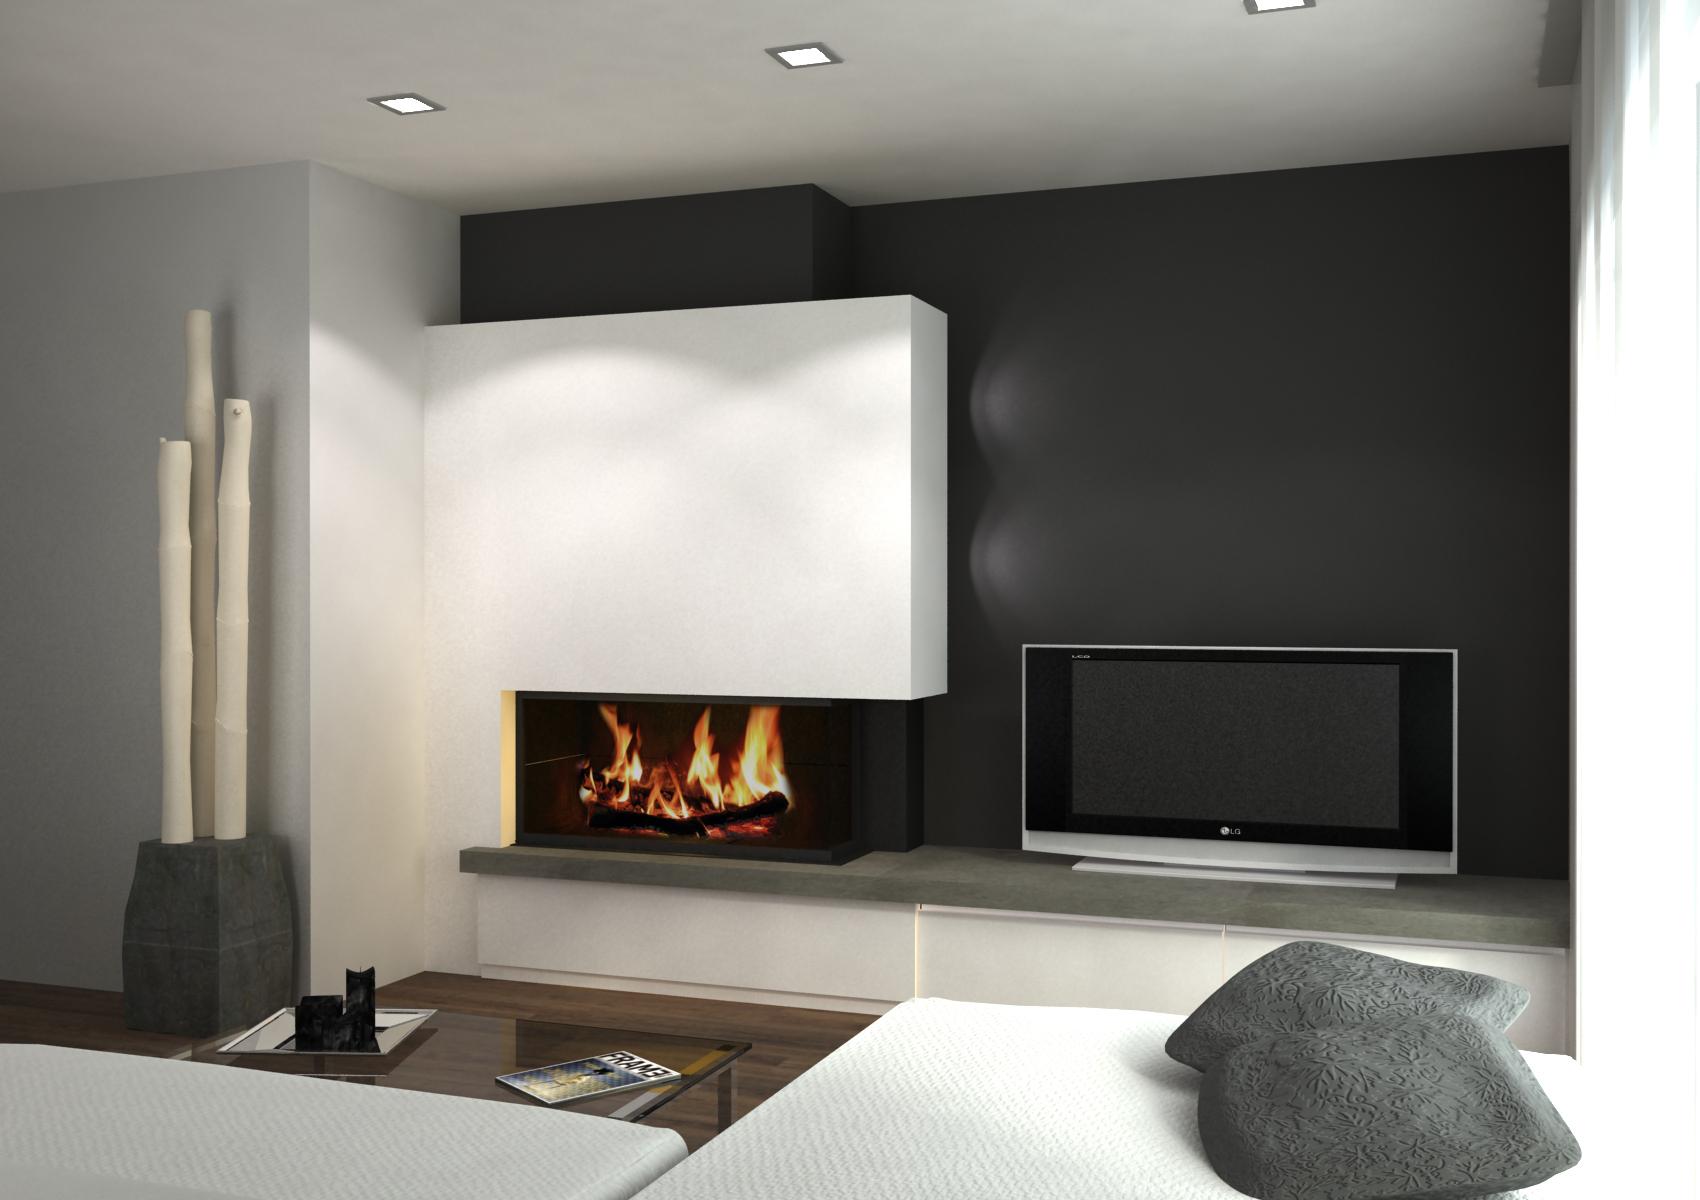 Le a chimeneas de dise o artesanos del fuego for Estufa hogar moderna